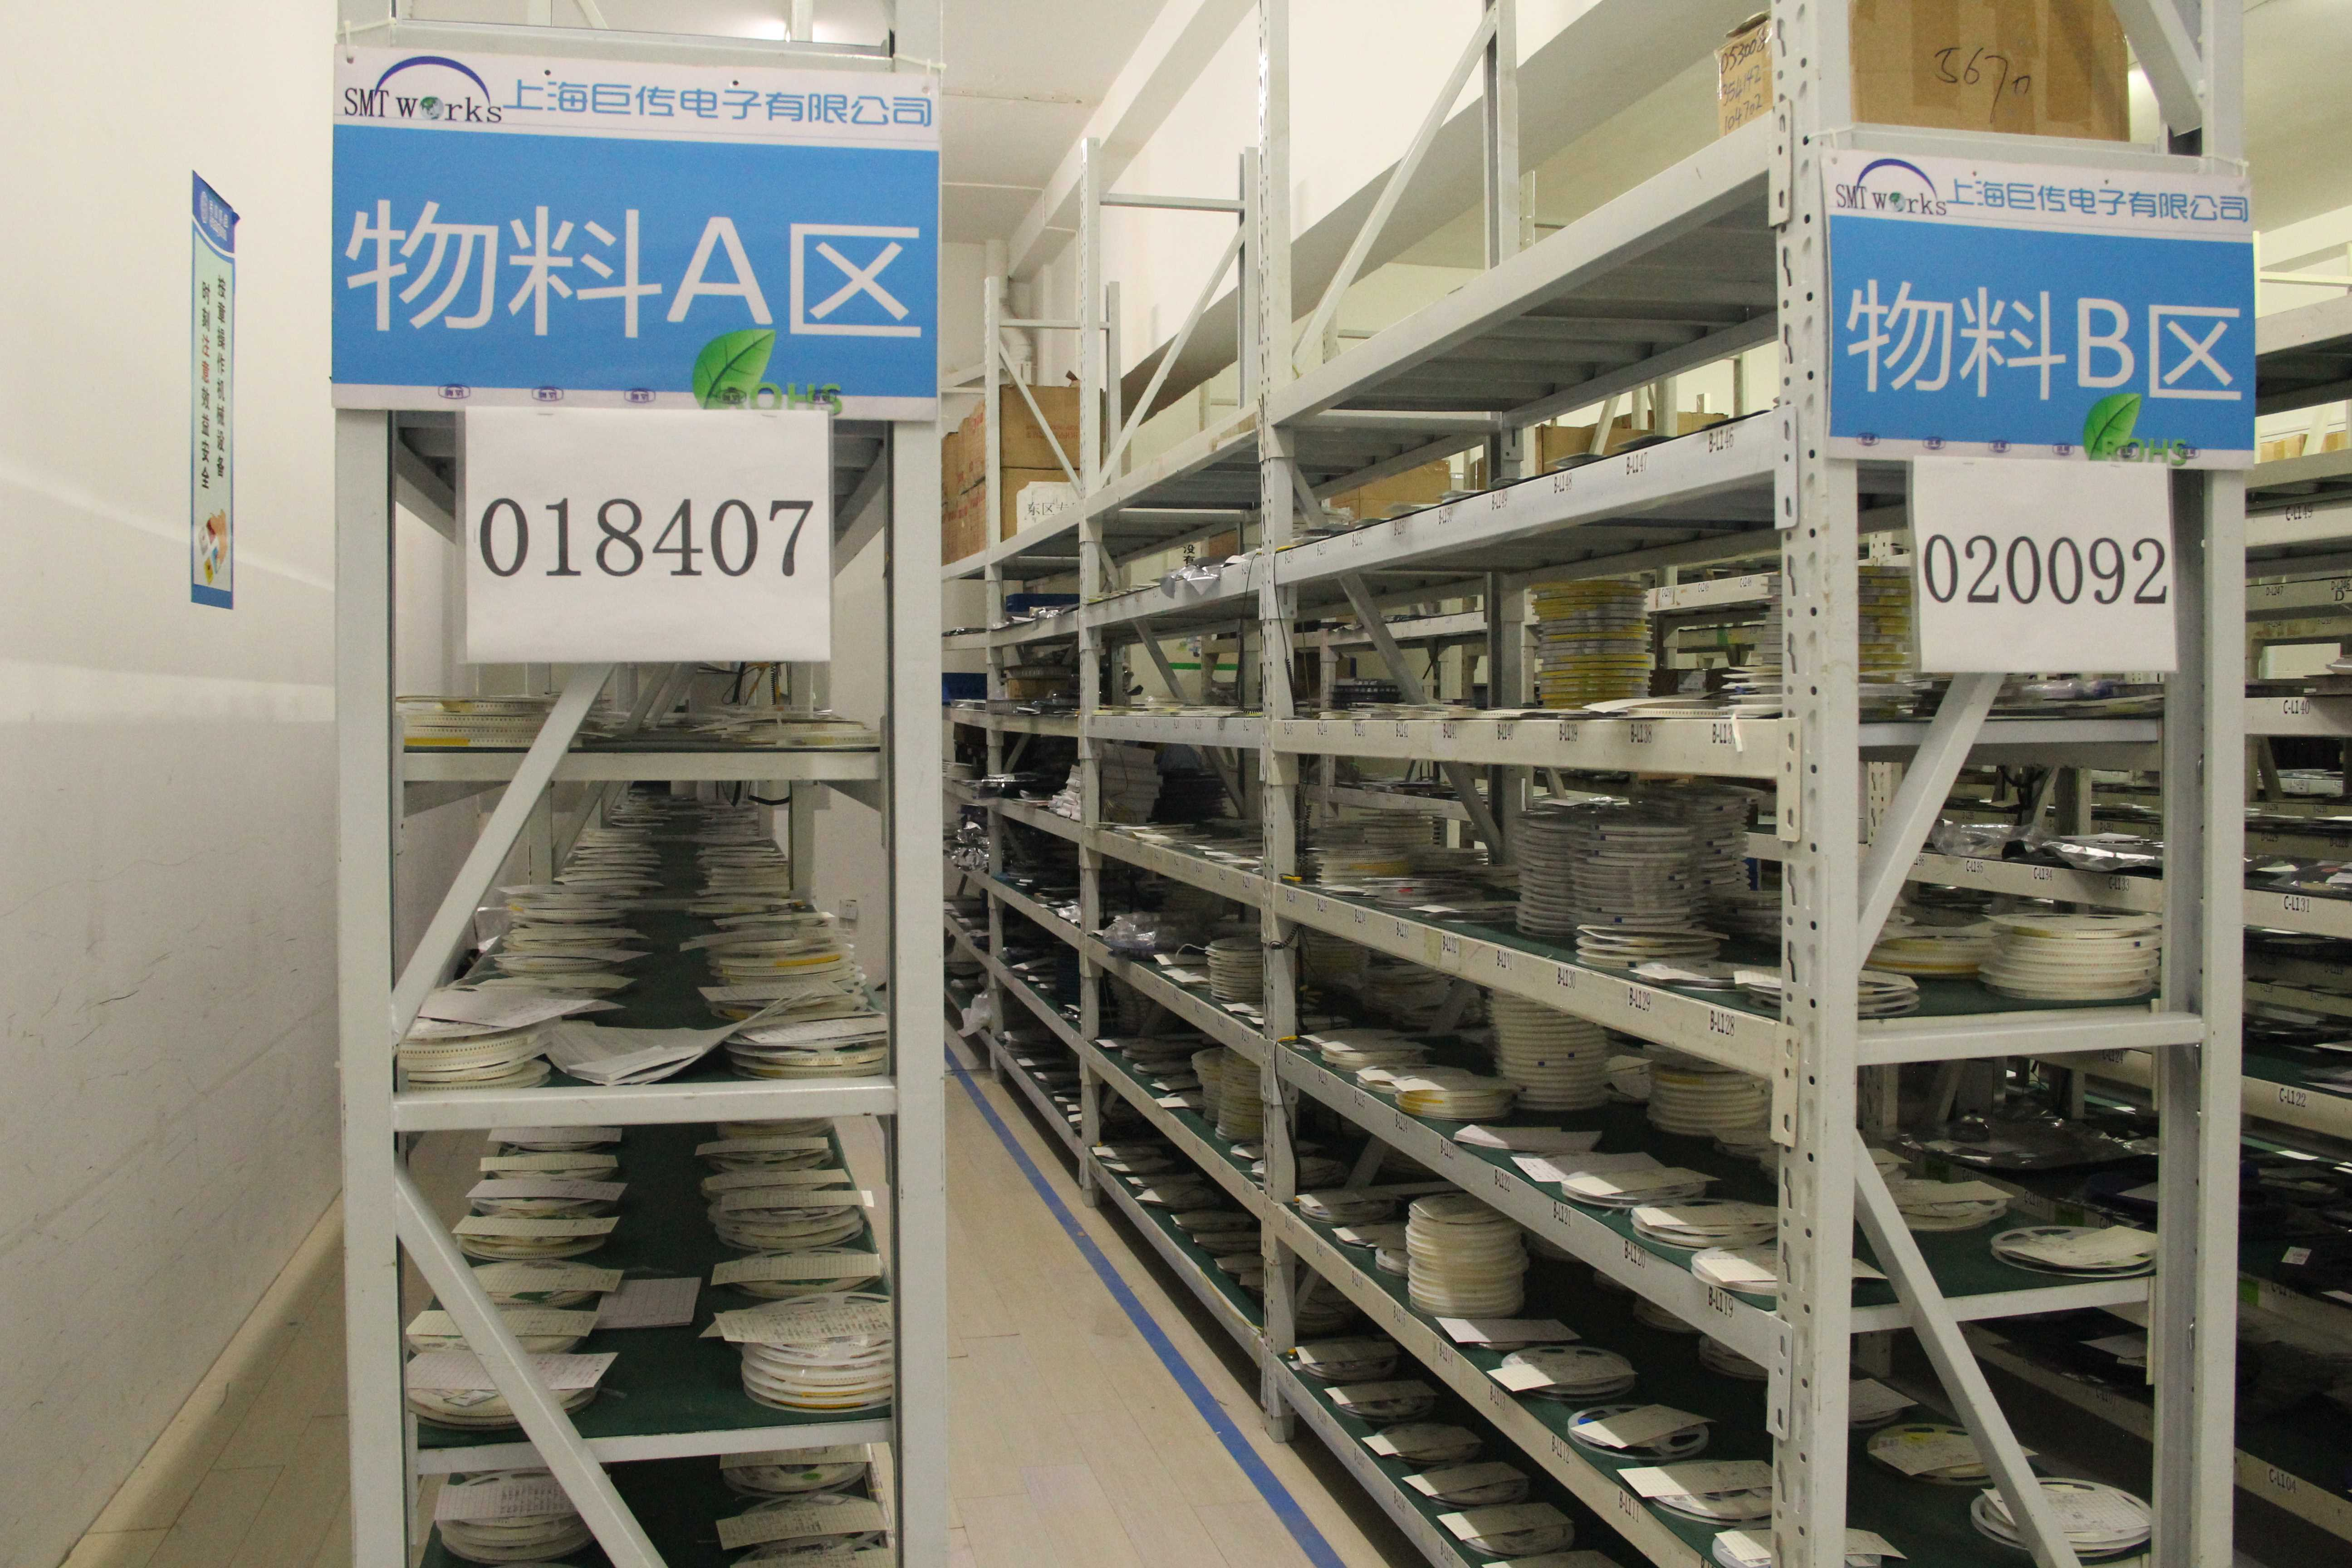 上海巨传电子阻容仓库2